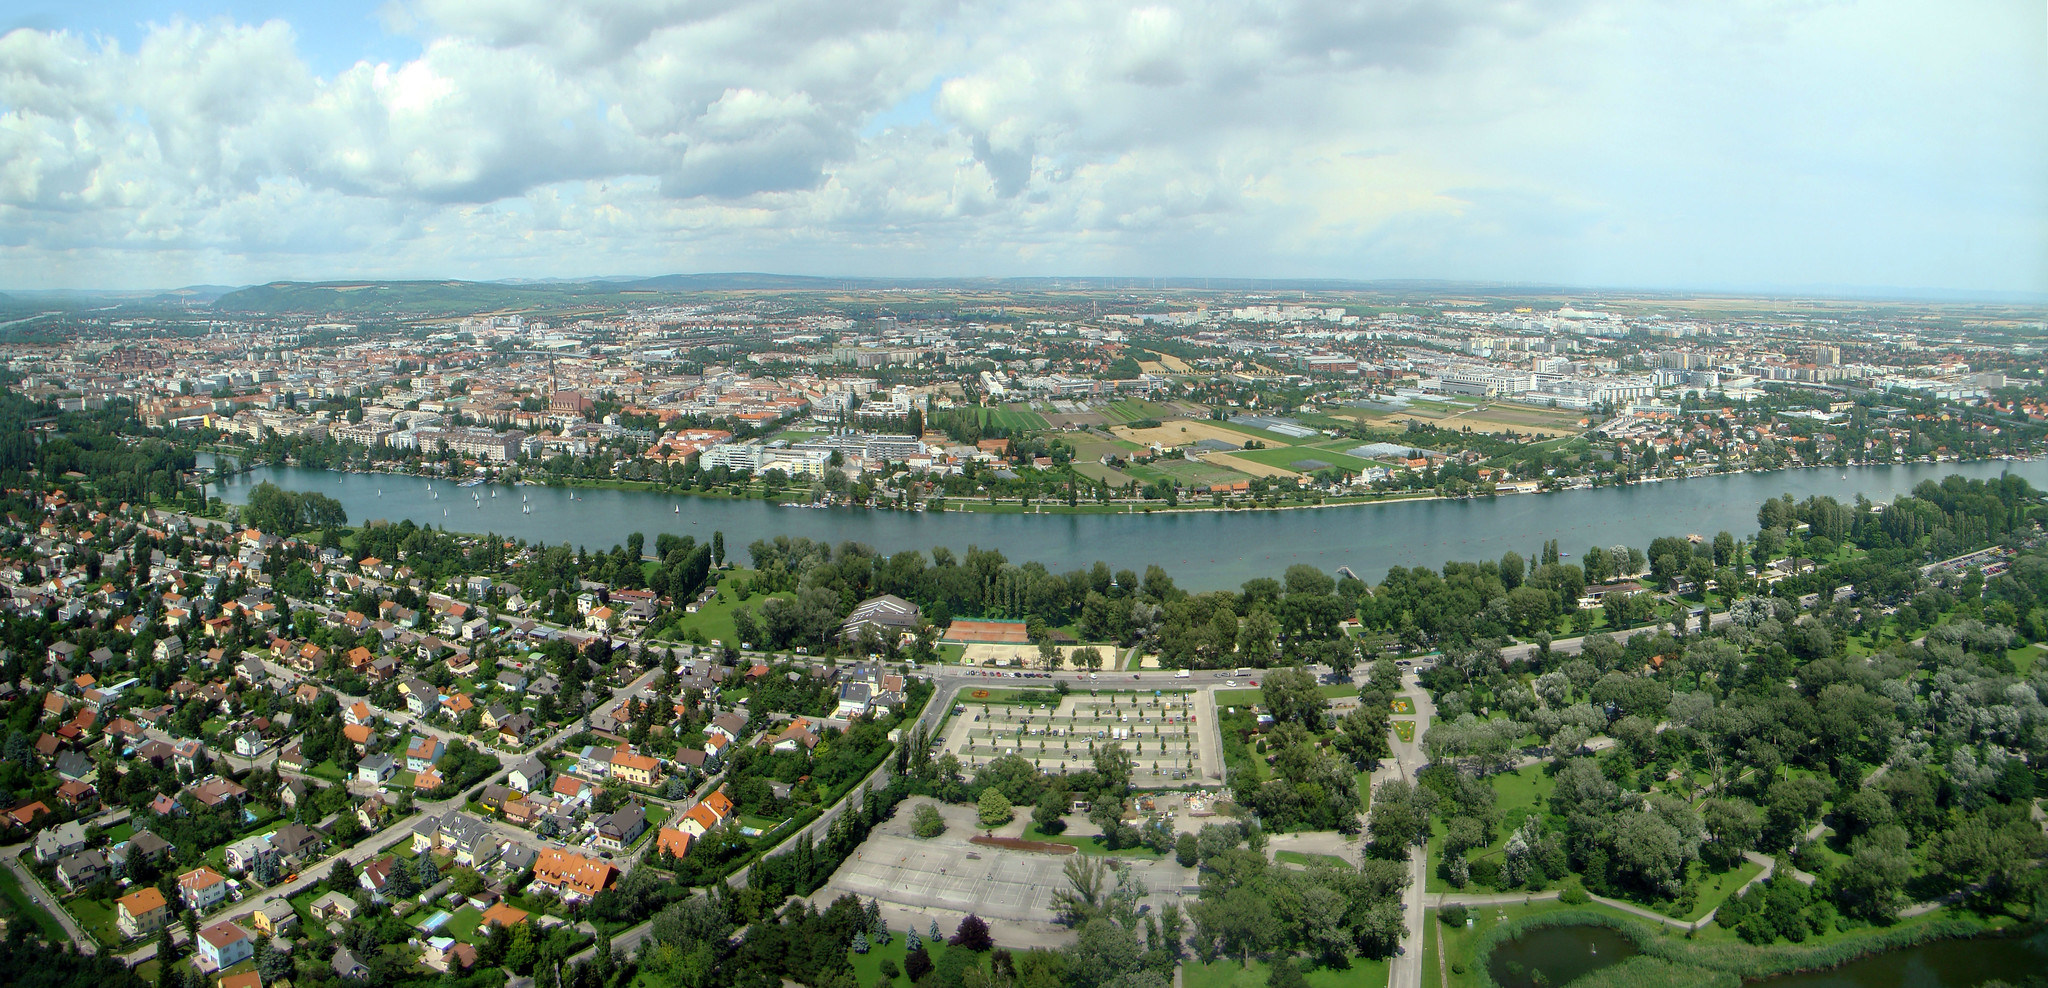 Vista Panorámica de Viena Austria